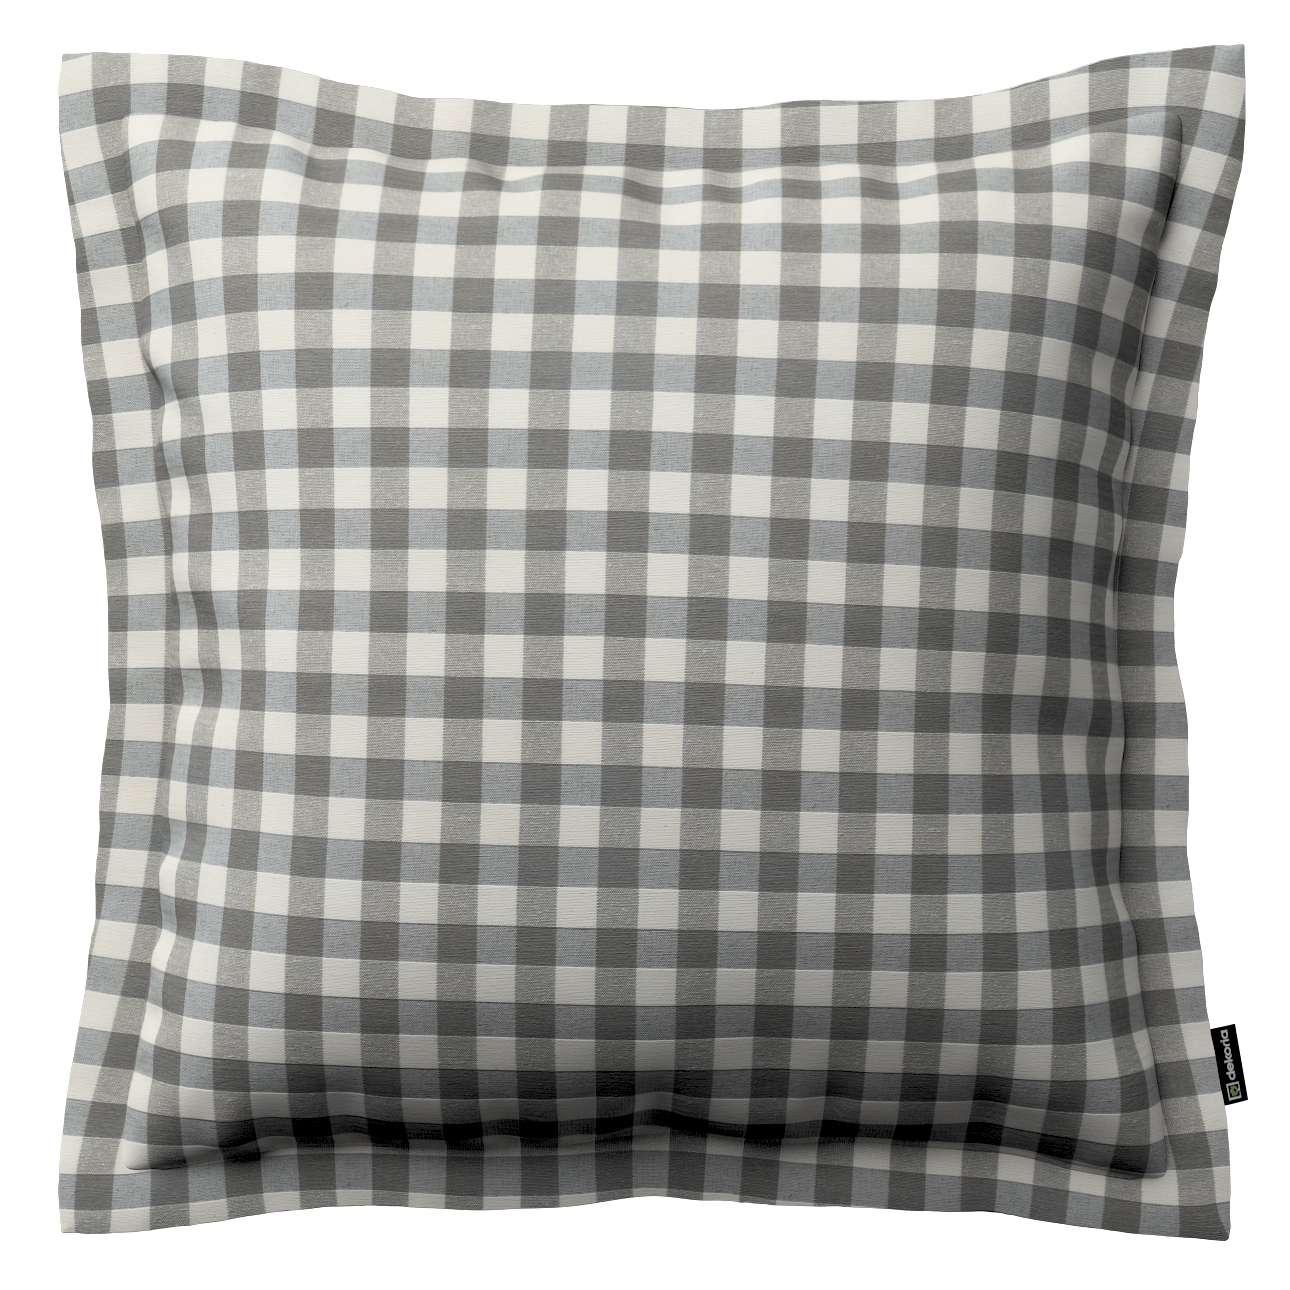 Mona dekoratyvinių pagalvėlių užvalkalas su sienele 45 x 45cm kolekcijoje Quadro, audinys: 136-11